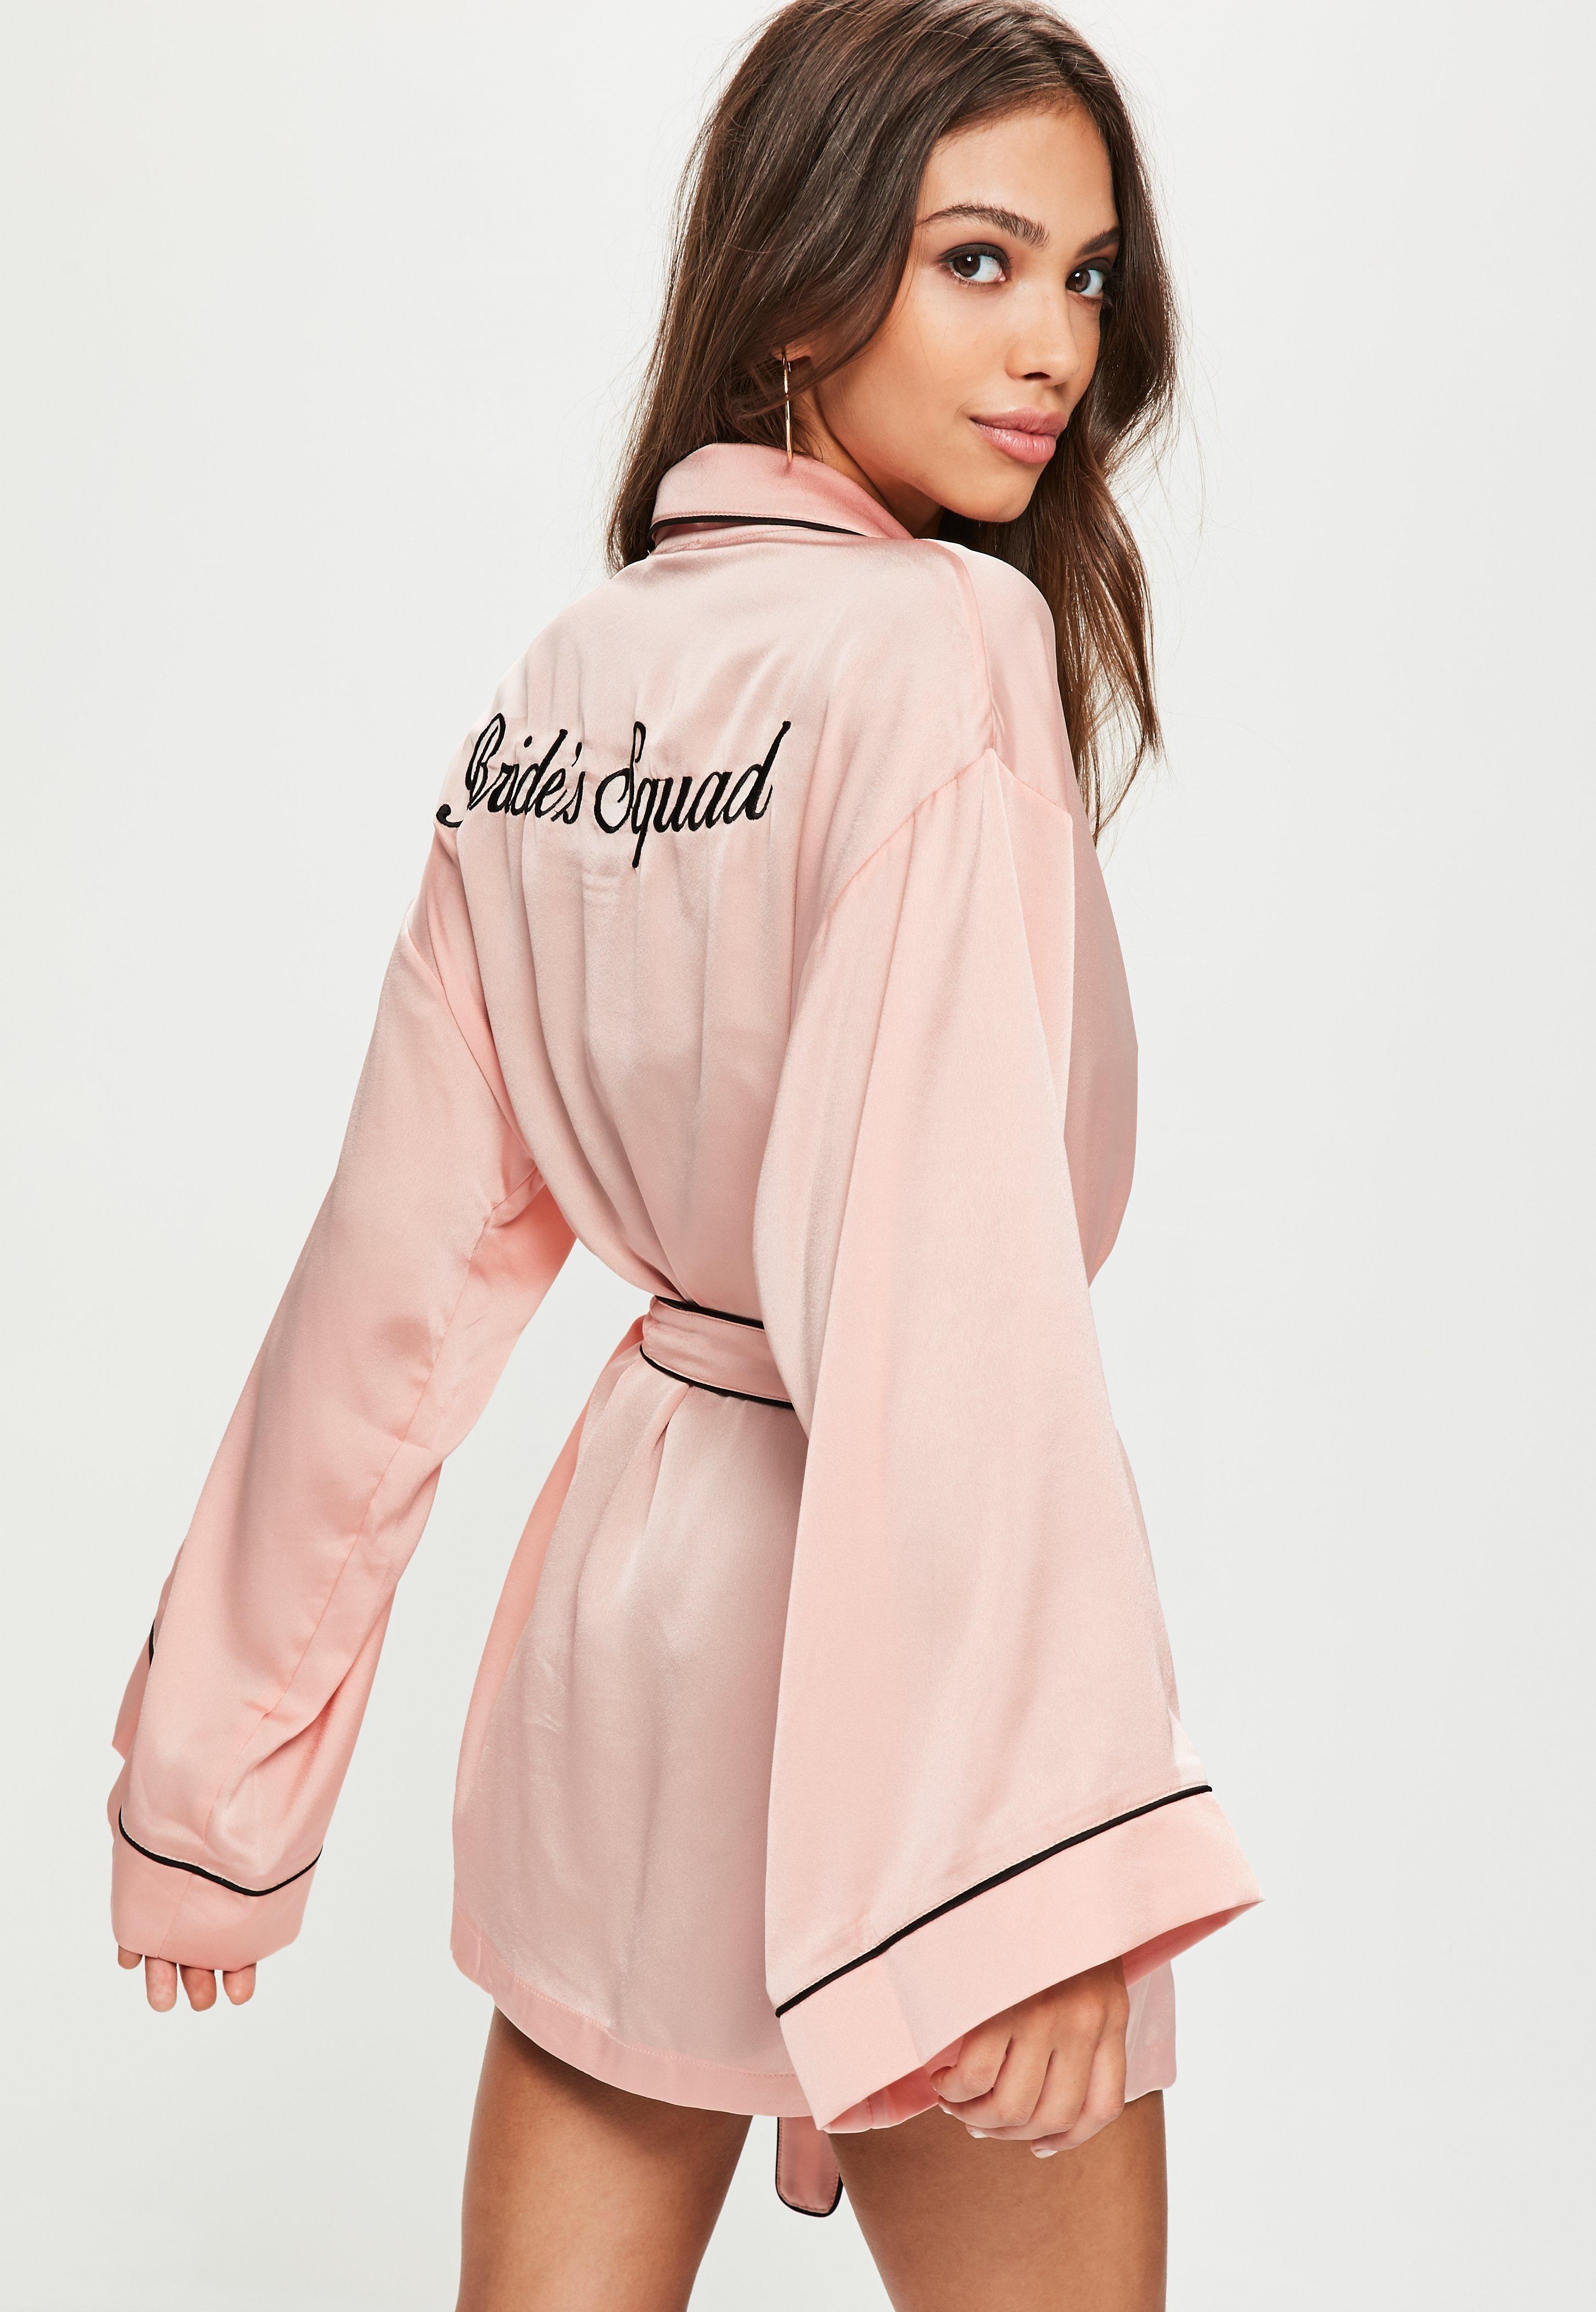 Contemporáneo Sonrojándose Vestido De Novia De Color Rosa Ideas ...